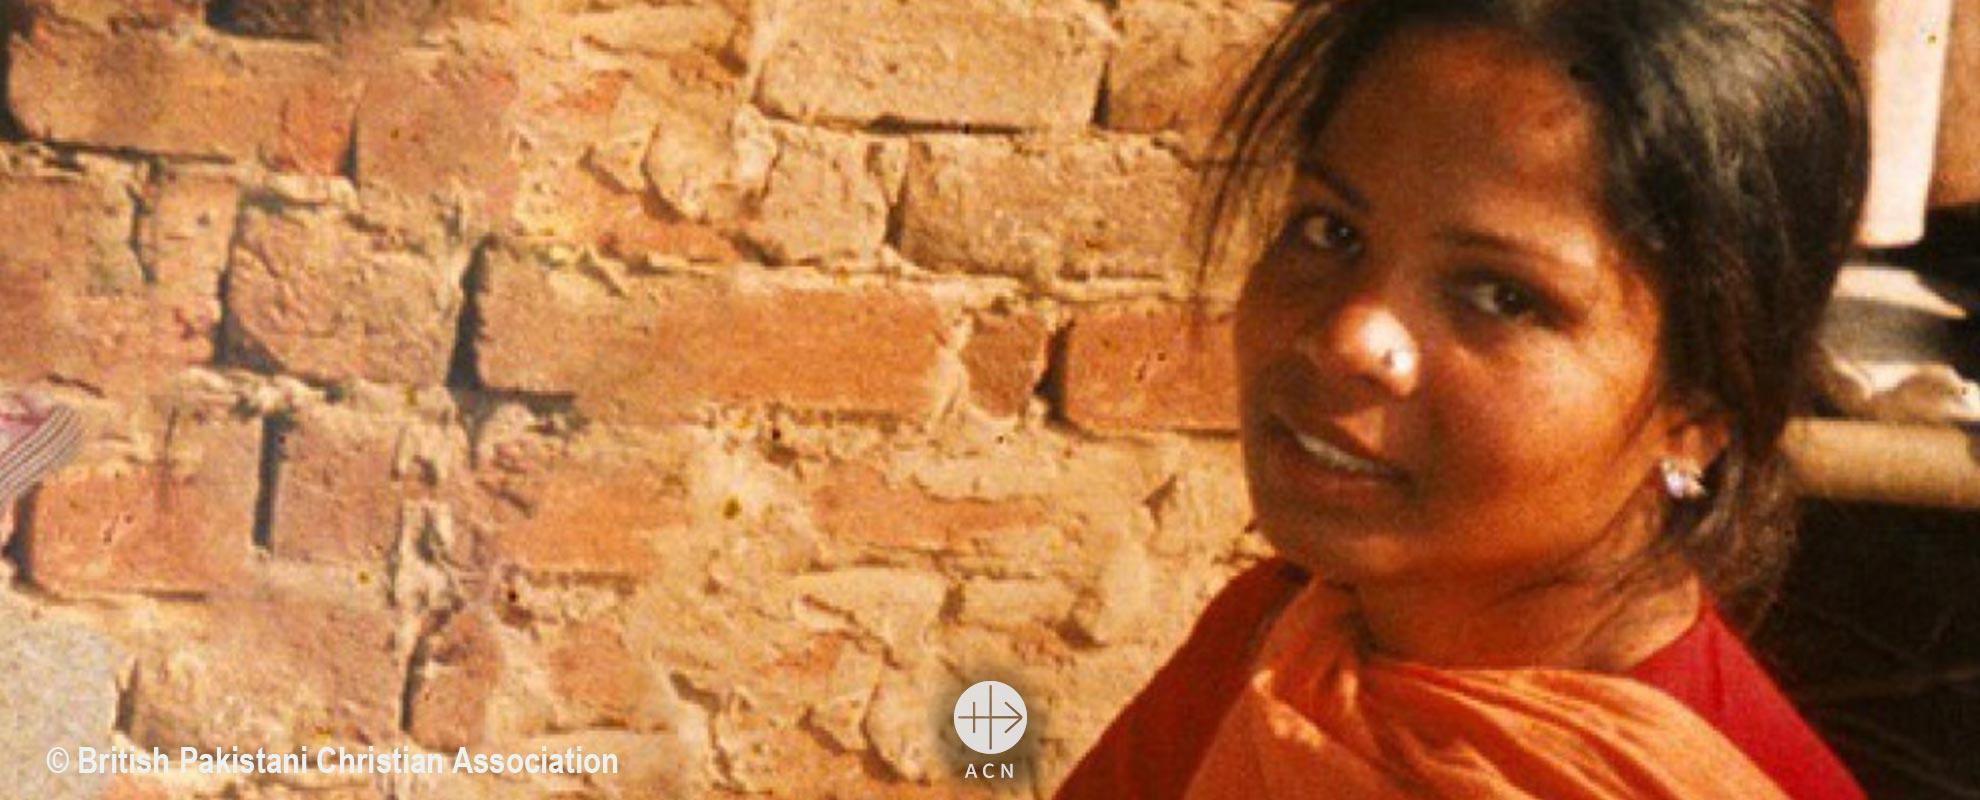 Asia Bibi flies to freedom